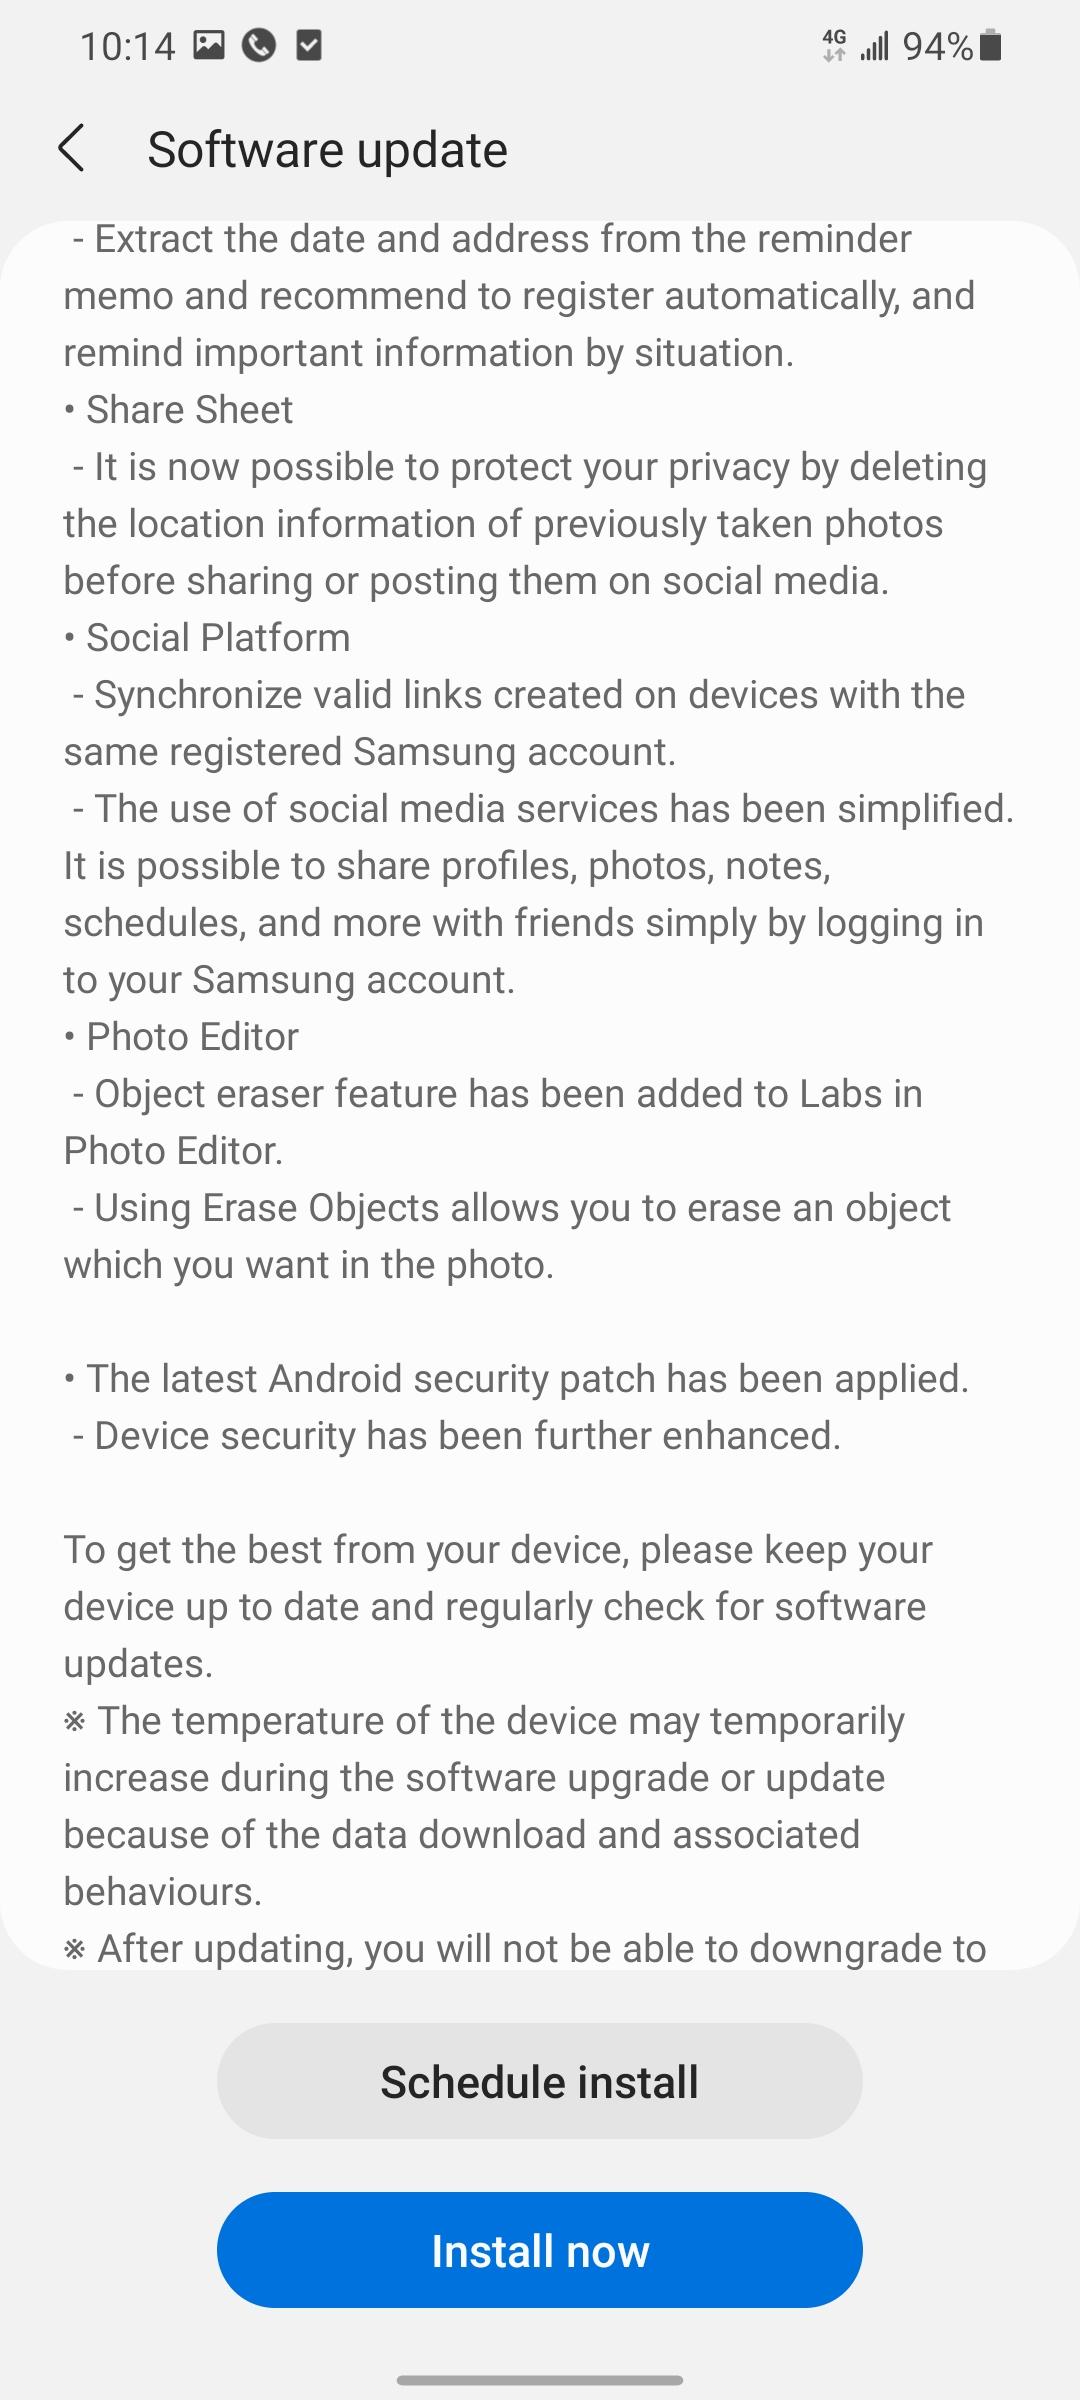 Screenshot_20210226-101404_Software update.jpg